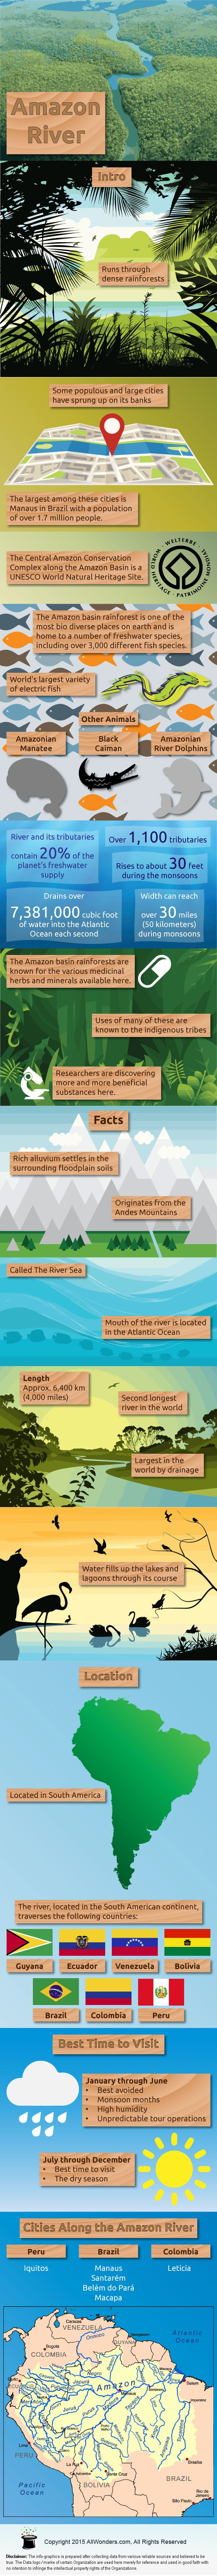 Amazon River Infographic